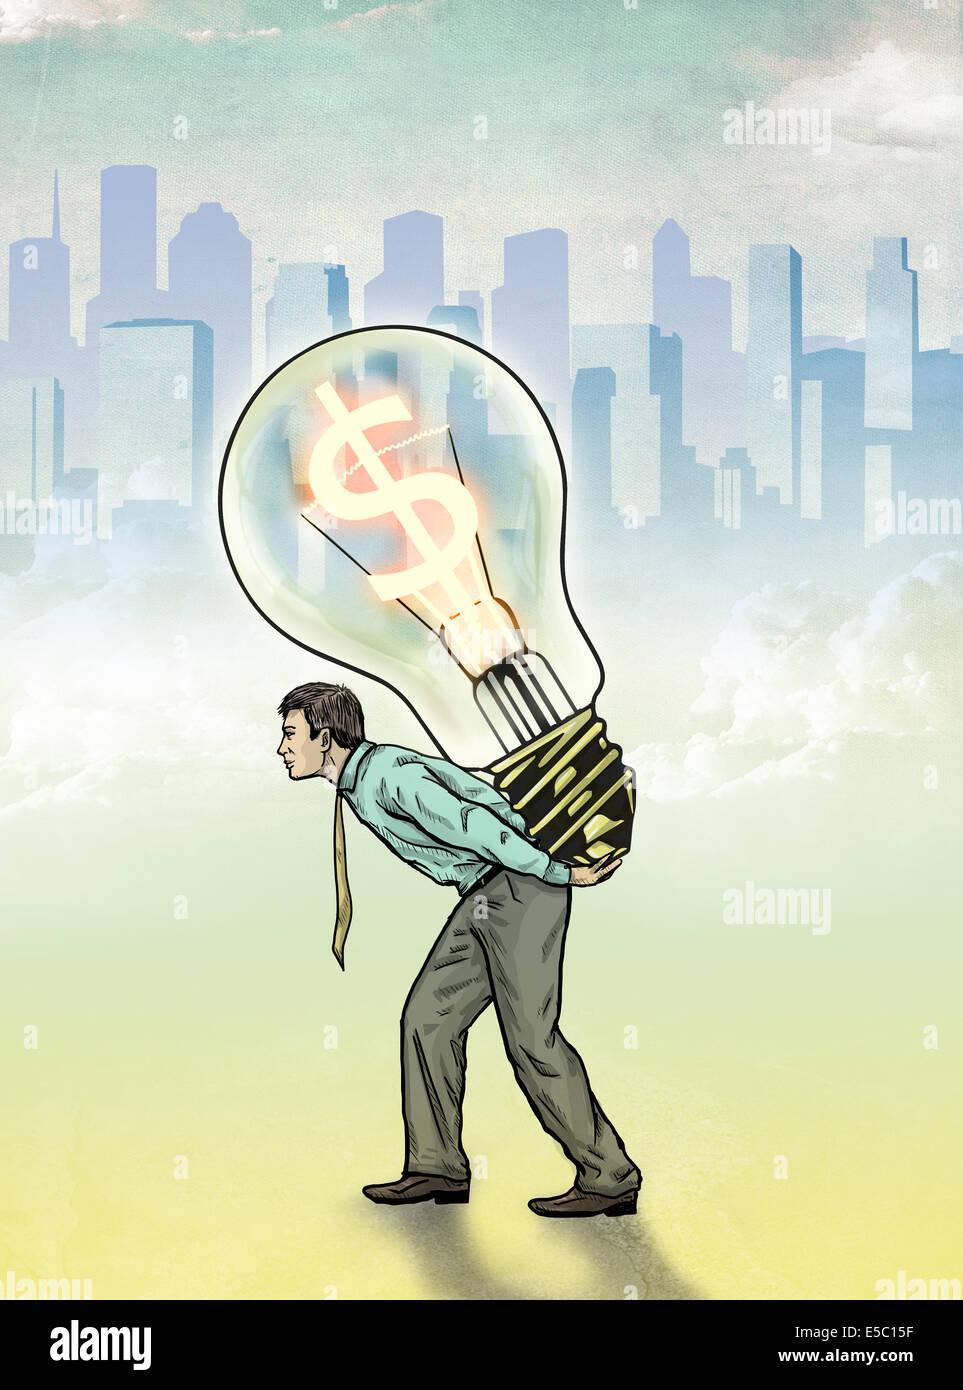 Immagine illustrativa di imprenditore che porta lampadina con simbolo del dollaro che rappresenta il profitto Immagini Stock